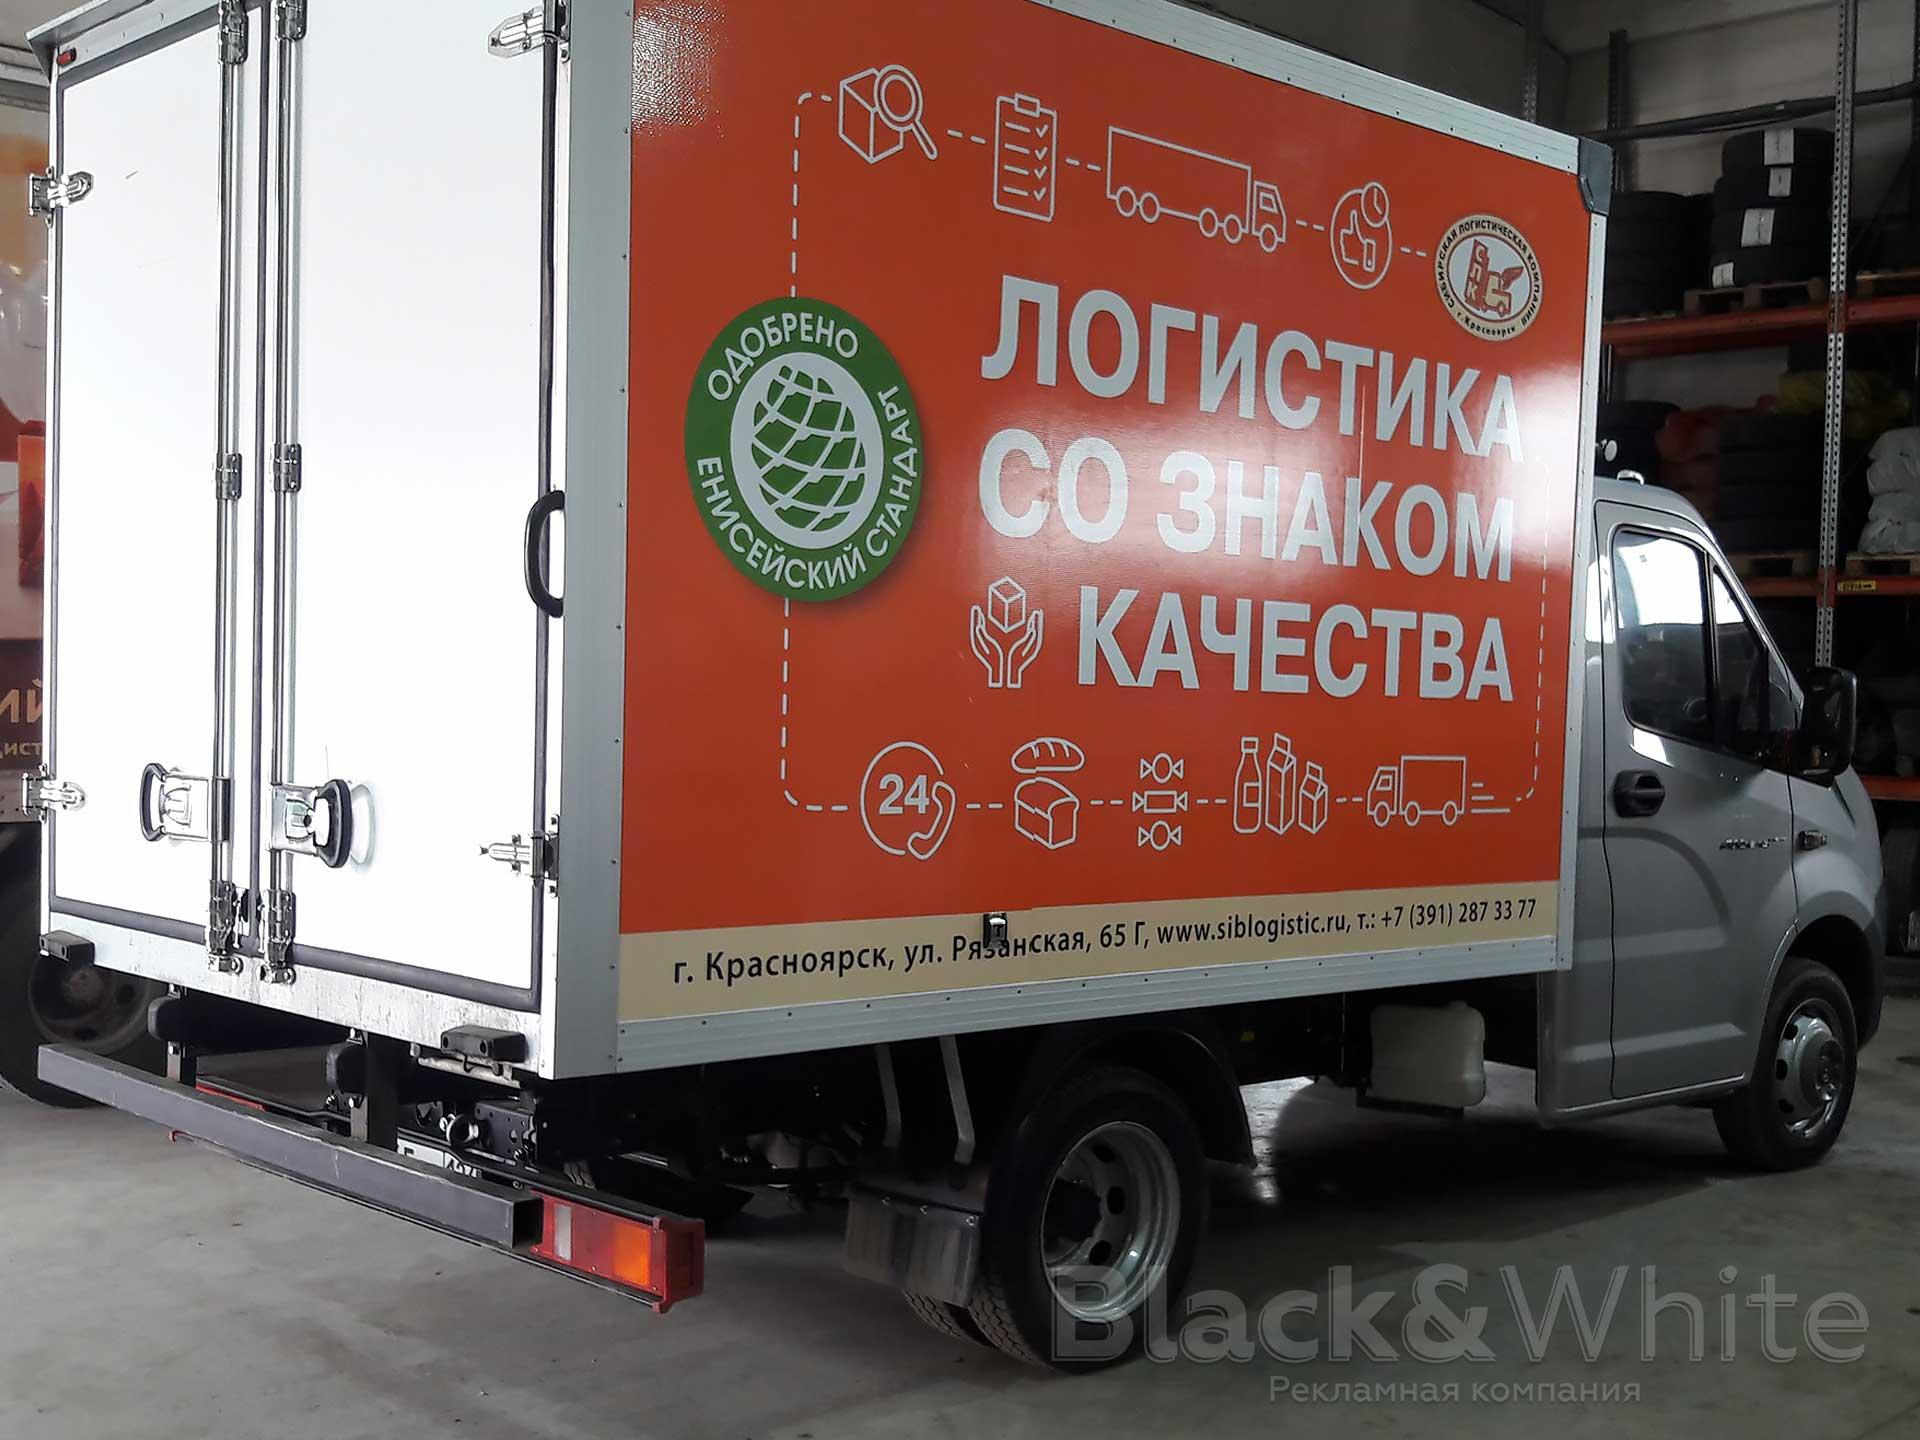 Брендирование-грузовых-автомобилей-виниловой-плёнкой-в-красноярске....jpg